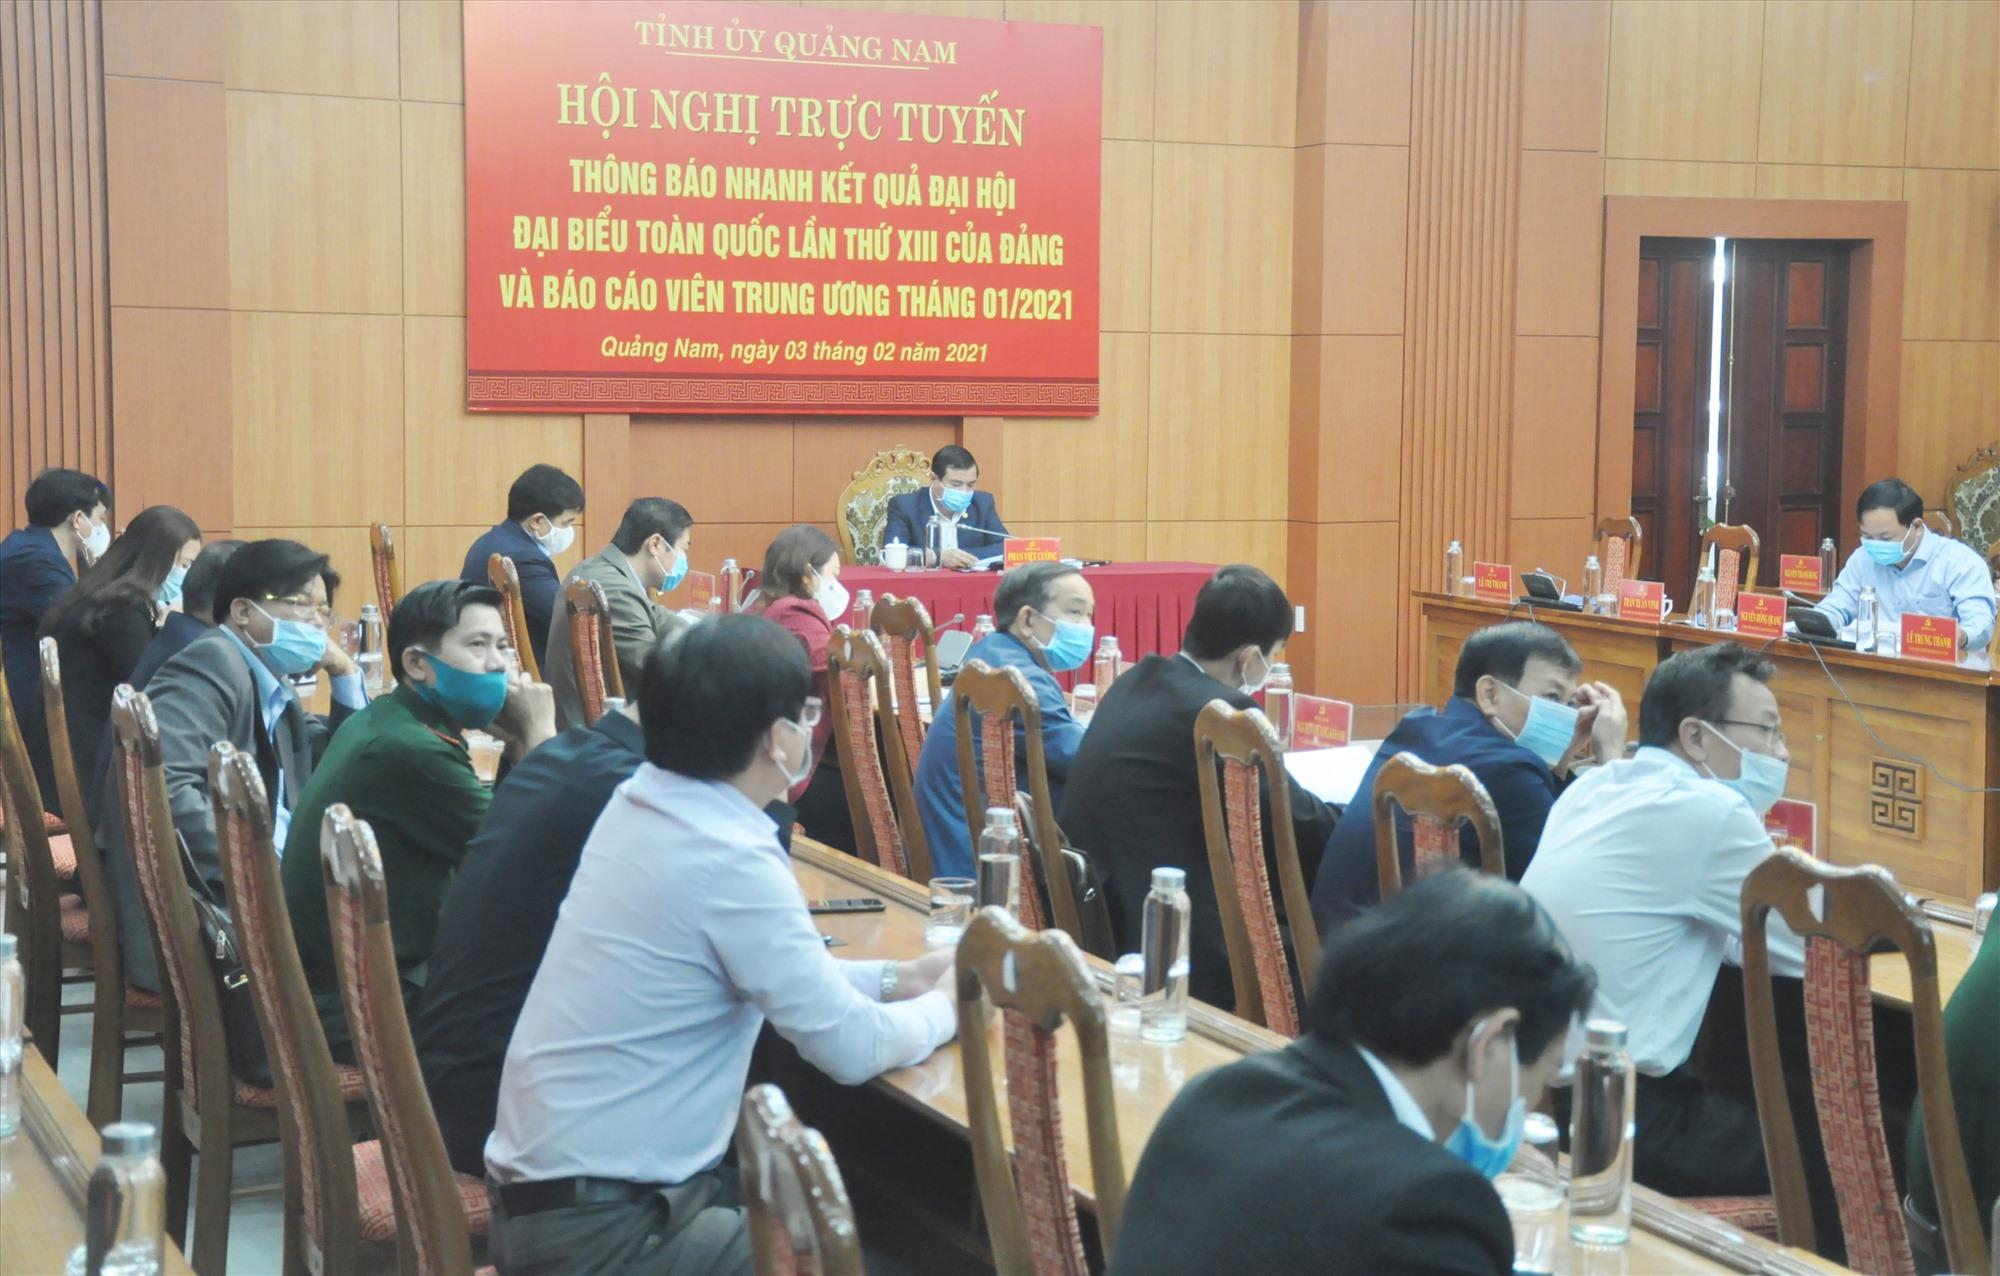 Quang cảnh hội nghị tại điểm cầu Quảng Nam sáng 3.2. Ảnh: N.Đ